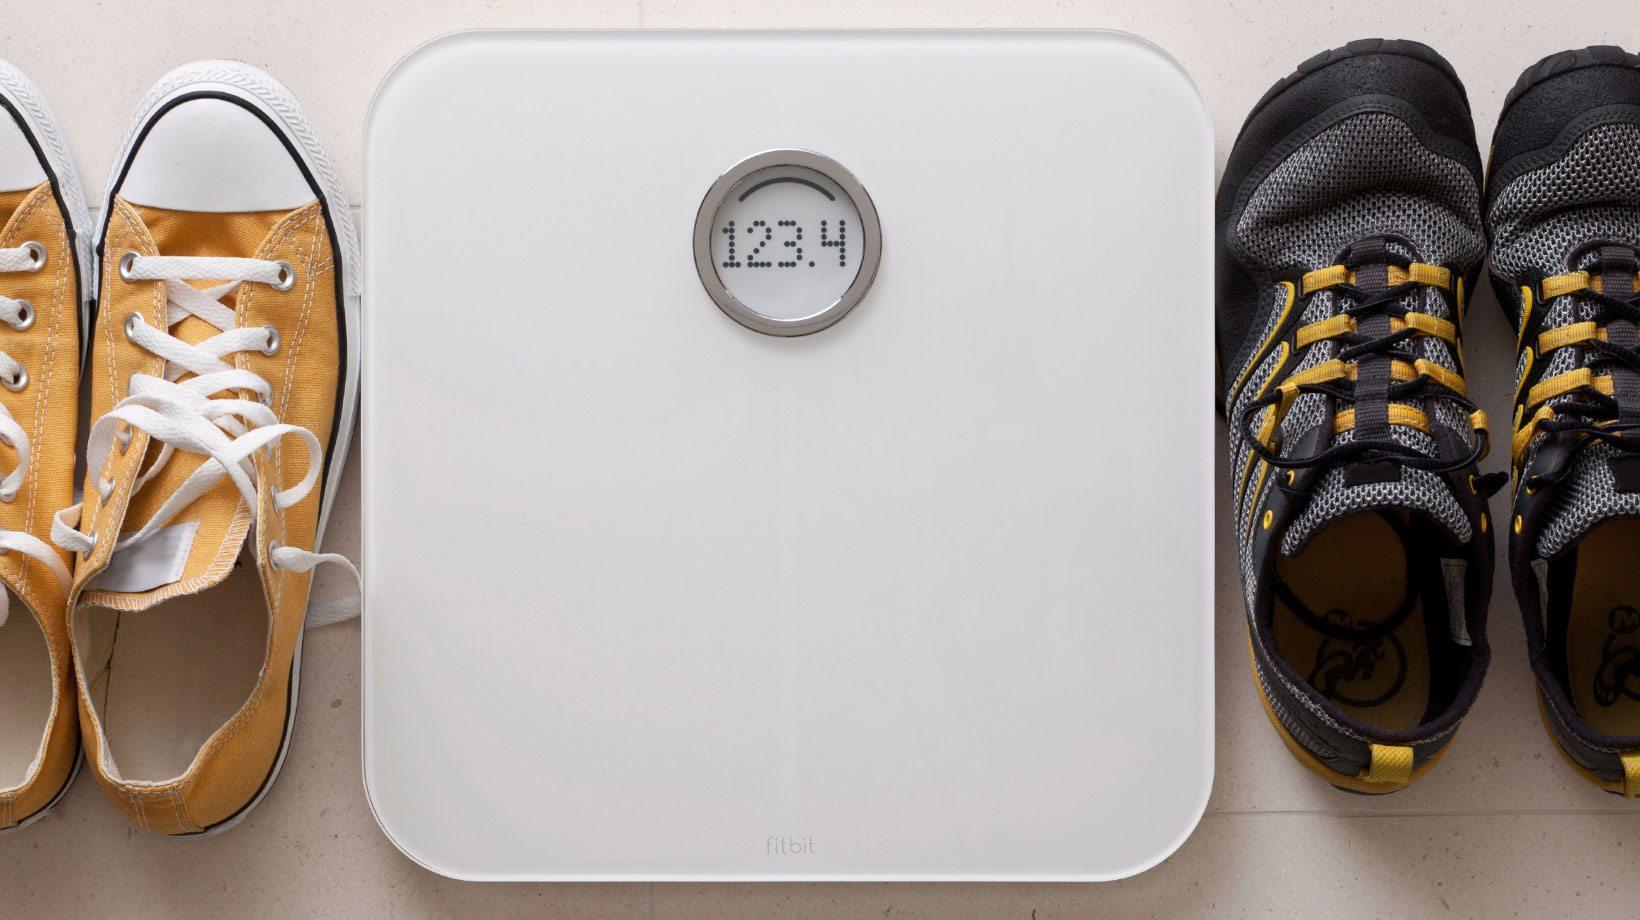 Fitbit Aria Wi - Báscula digital